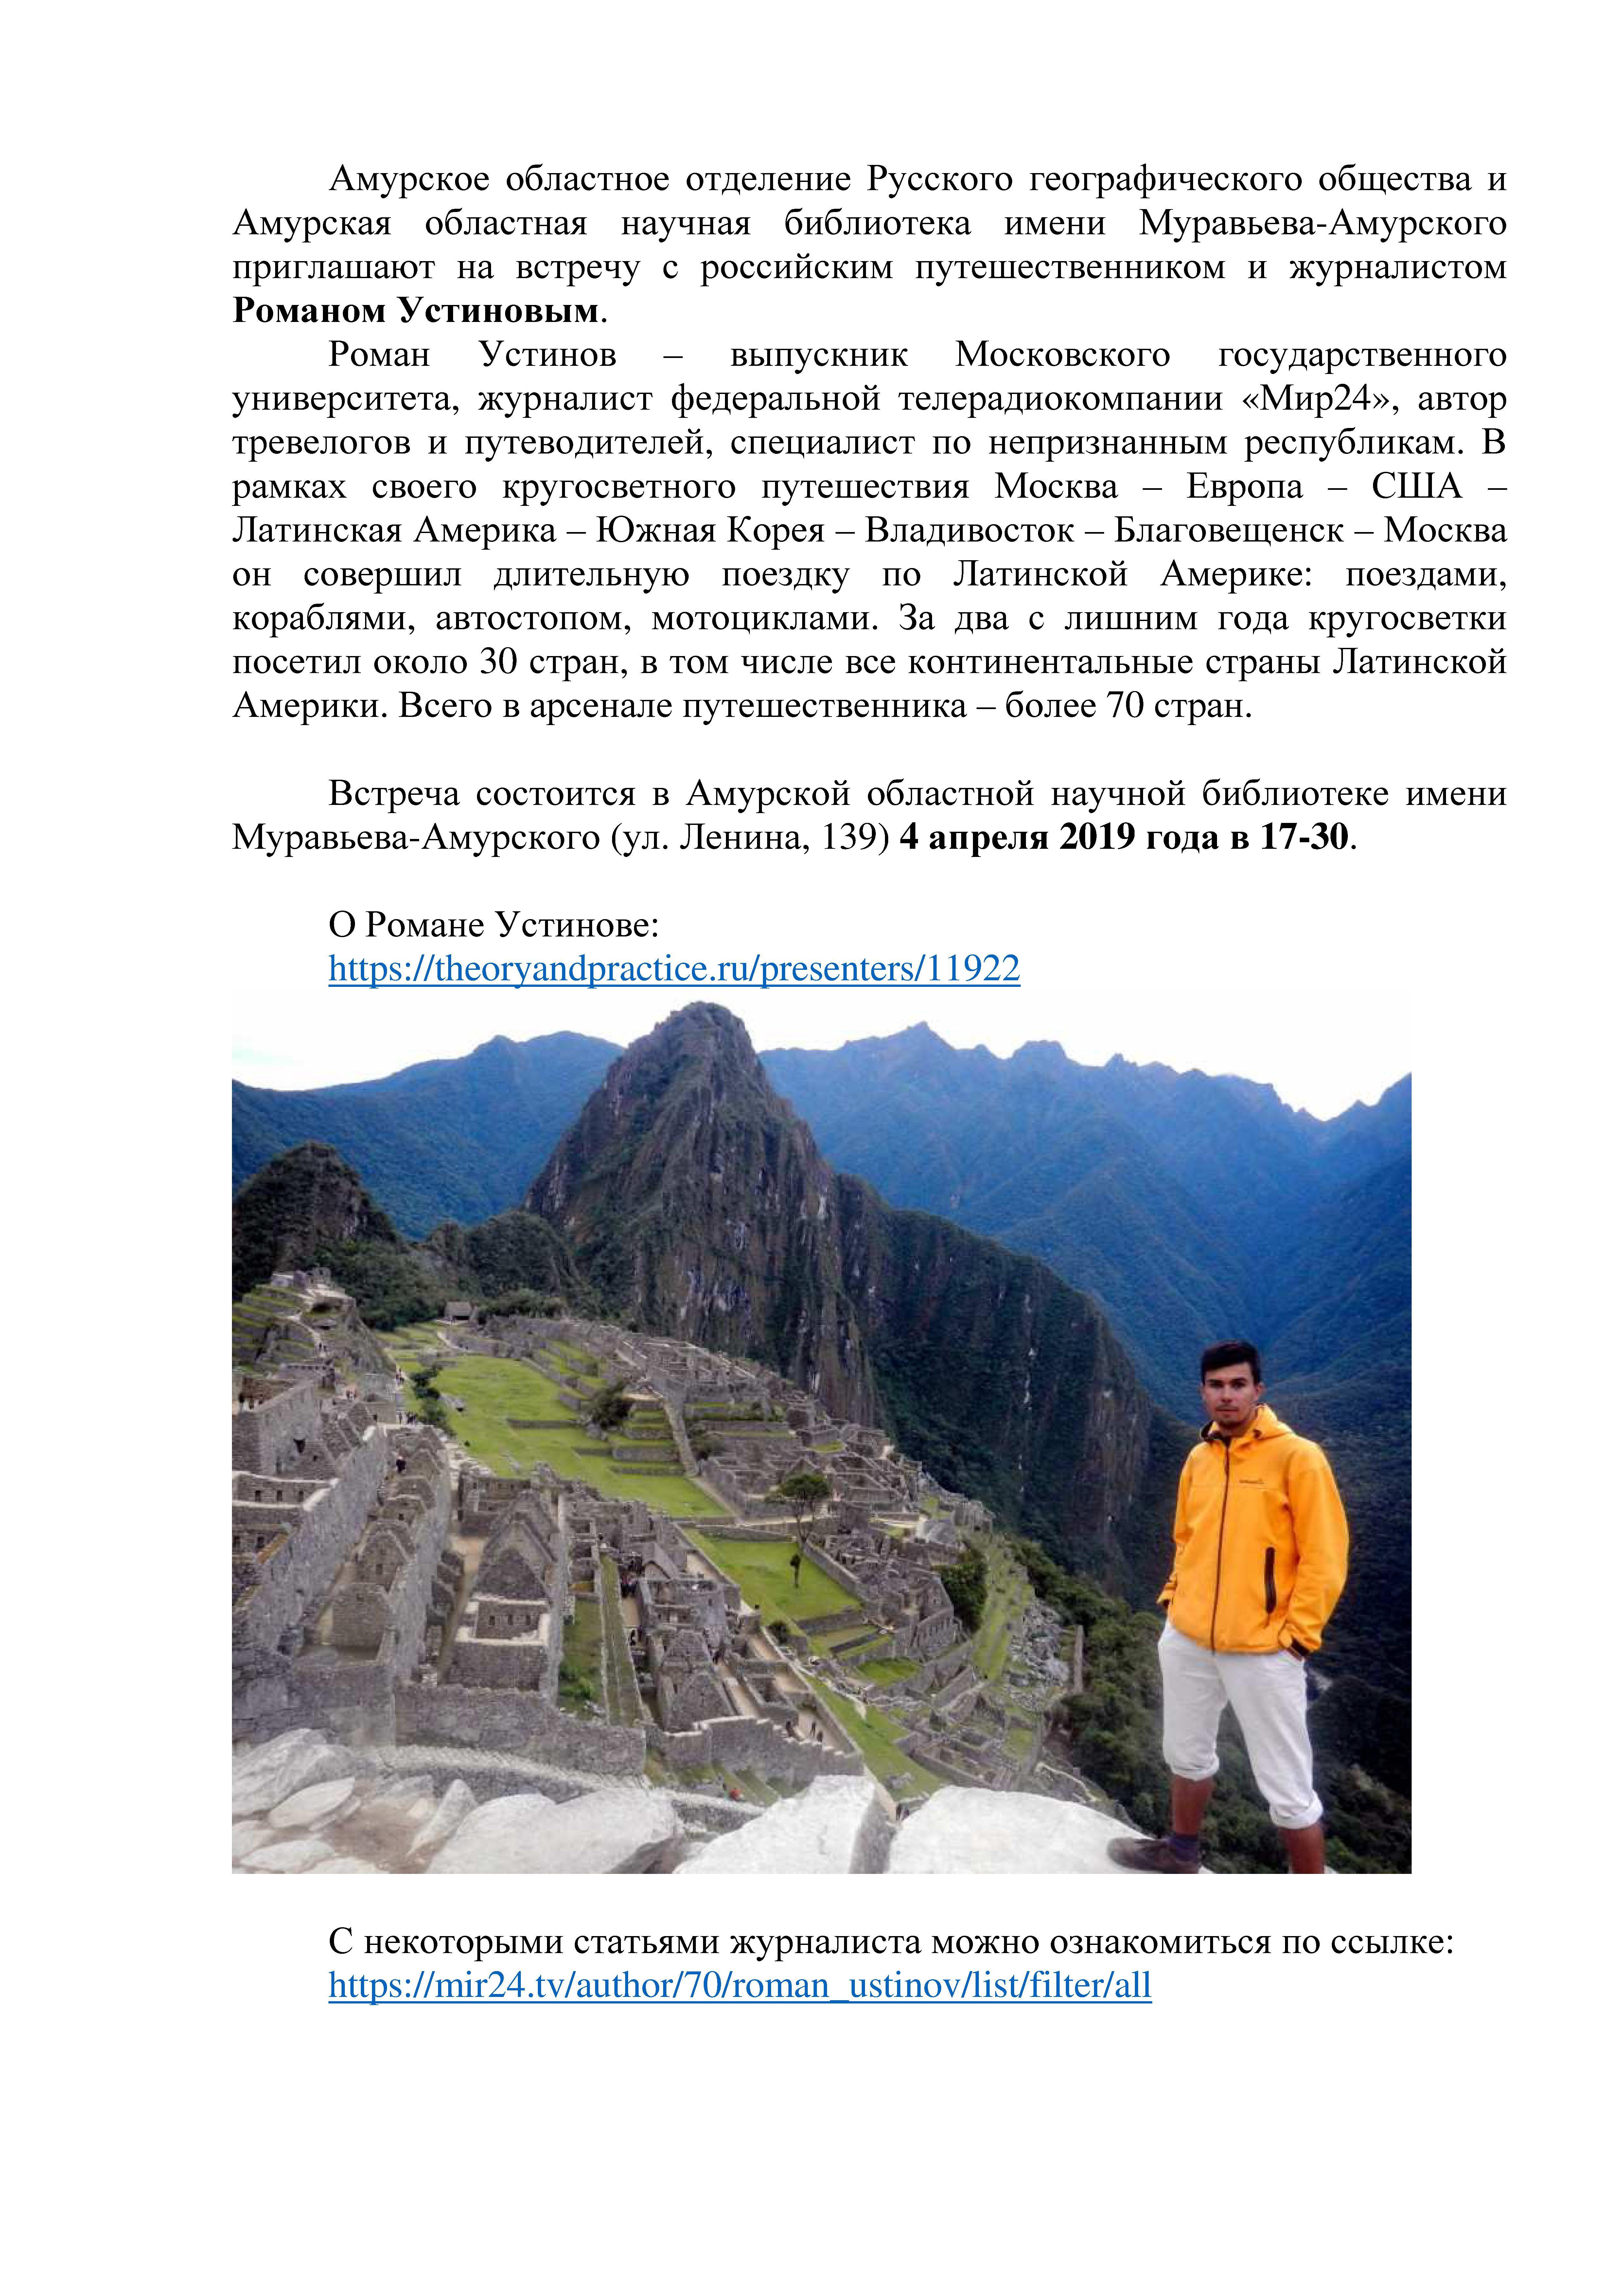 О встрече с путешественником и журналистом Романом Устиновым